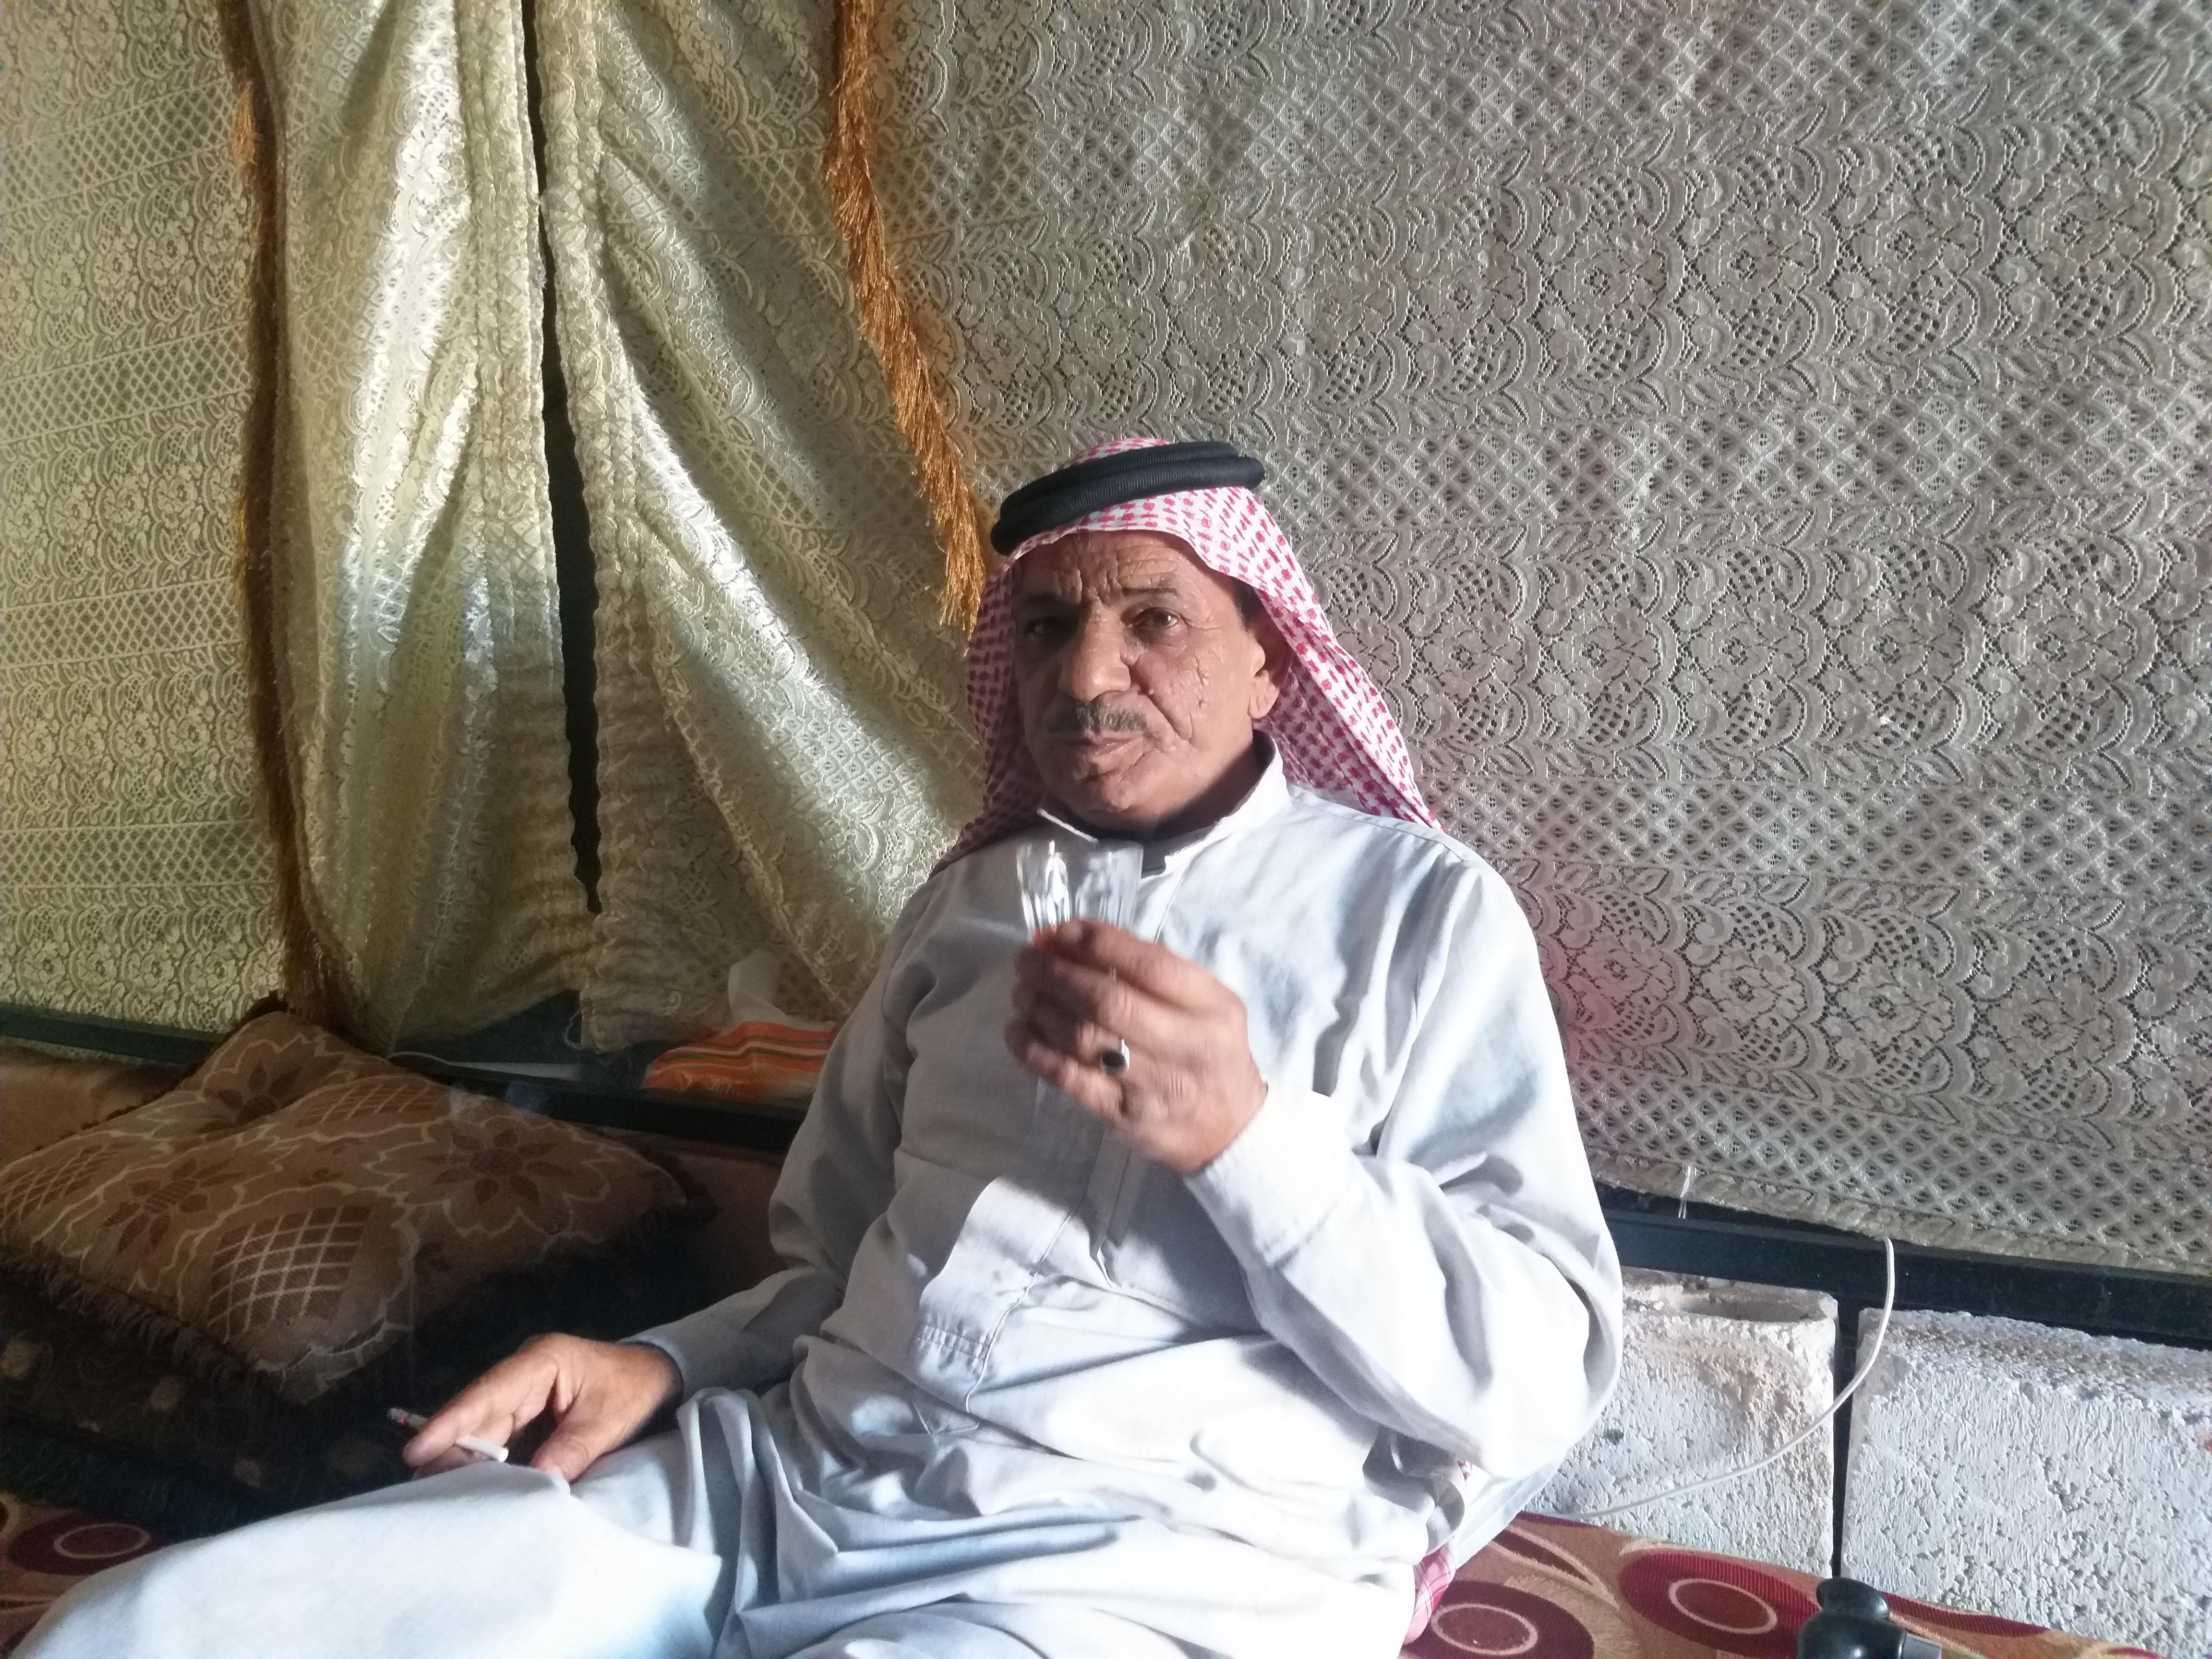 الصورة لأبي بسام يشرب الشاي في خيمته -فوكس حلب